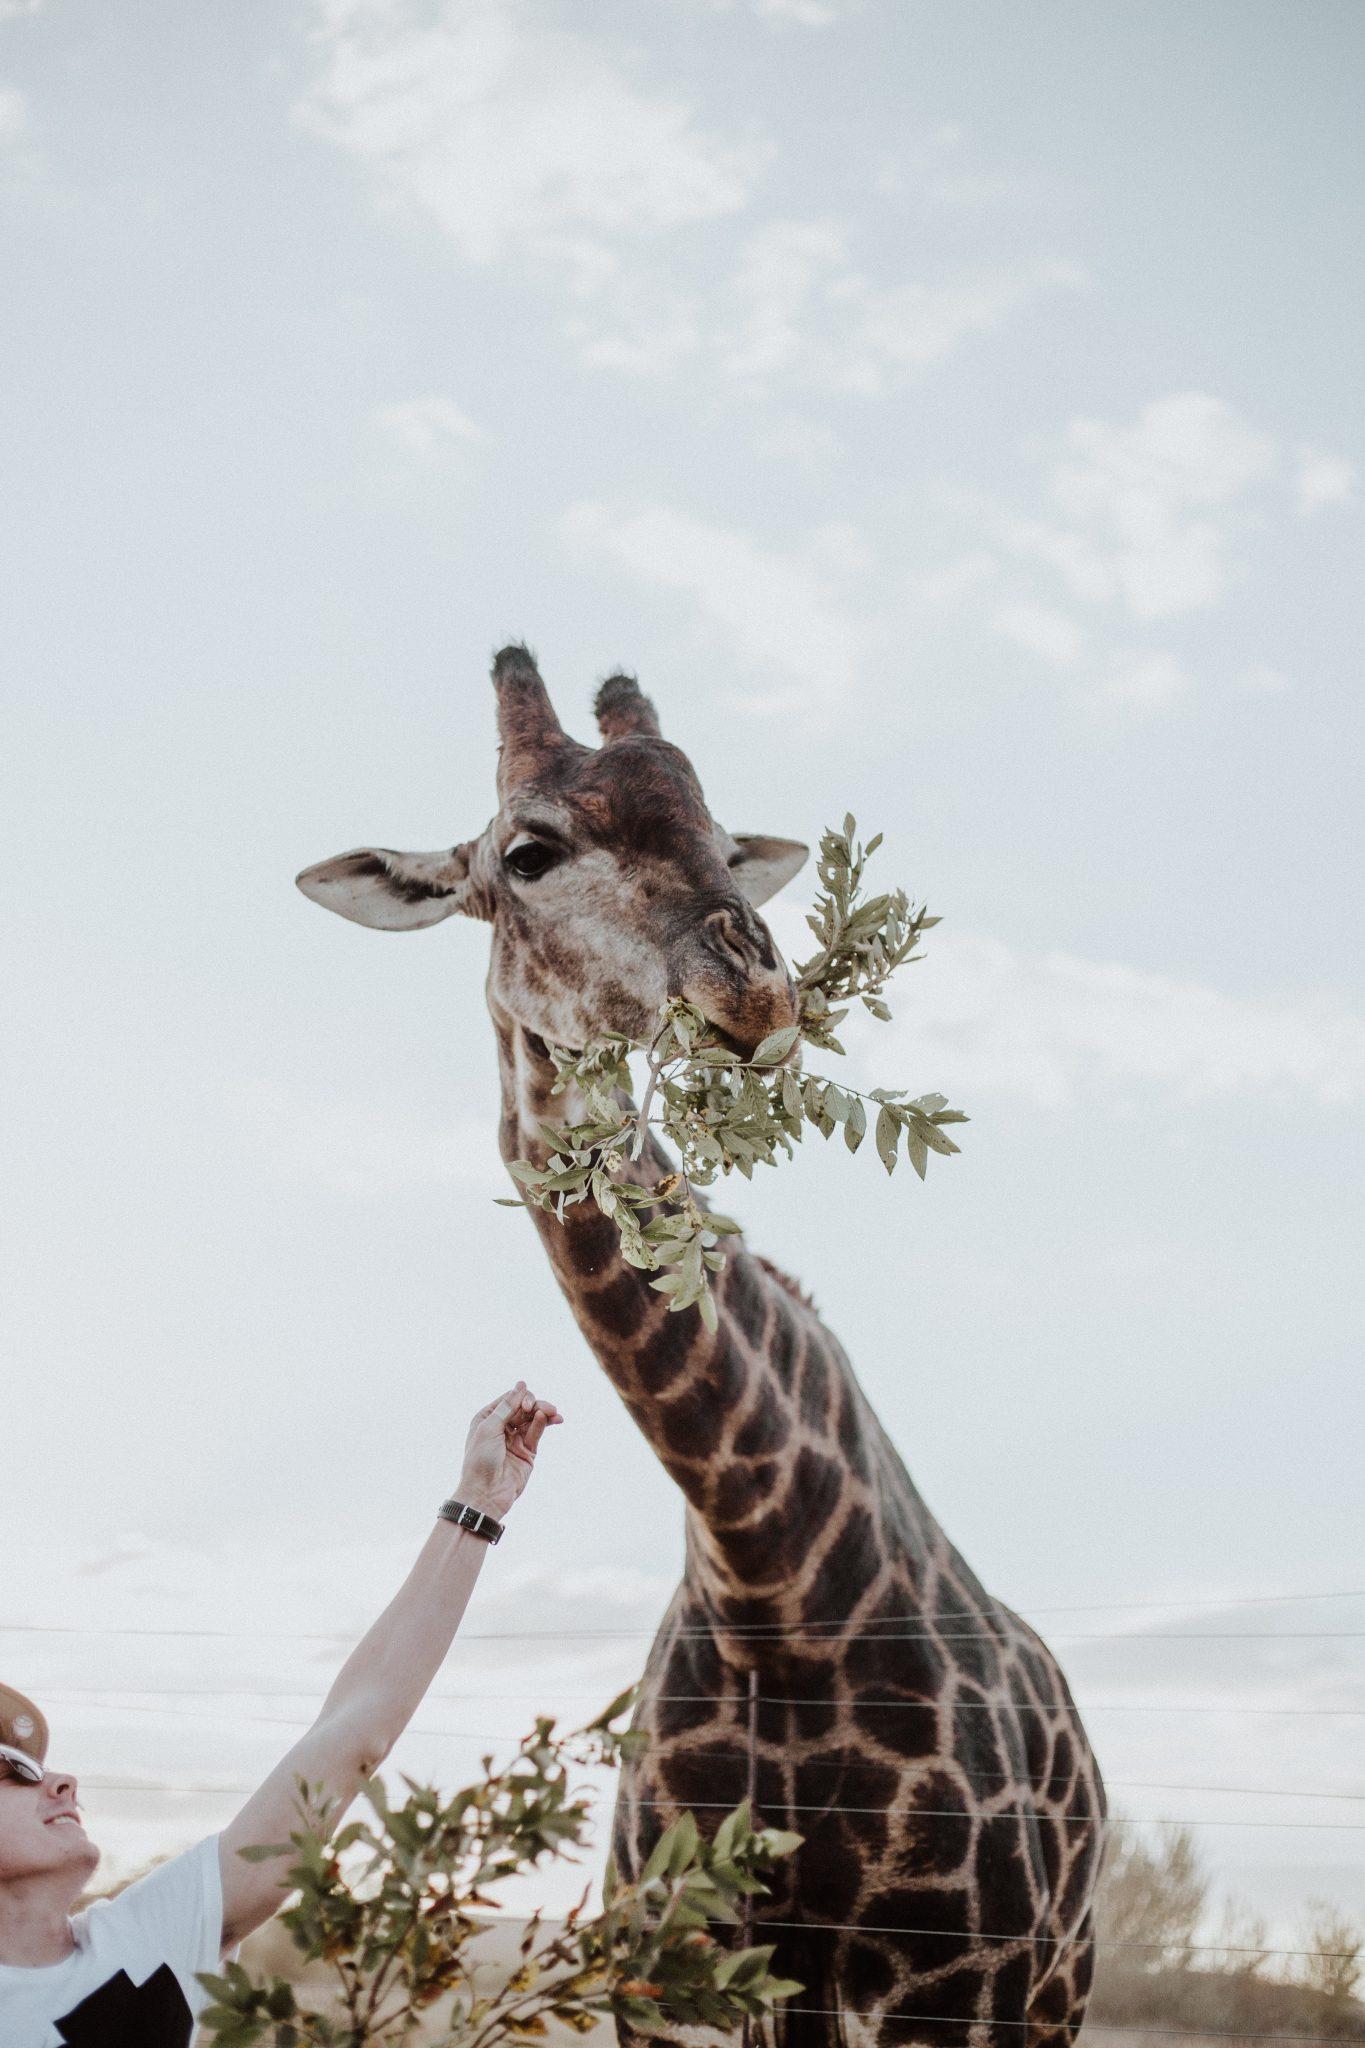 Mand fodrer giraf med blade